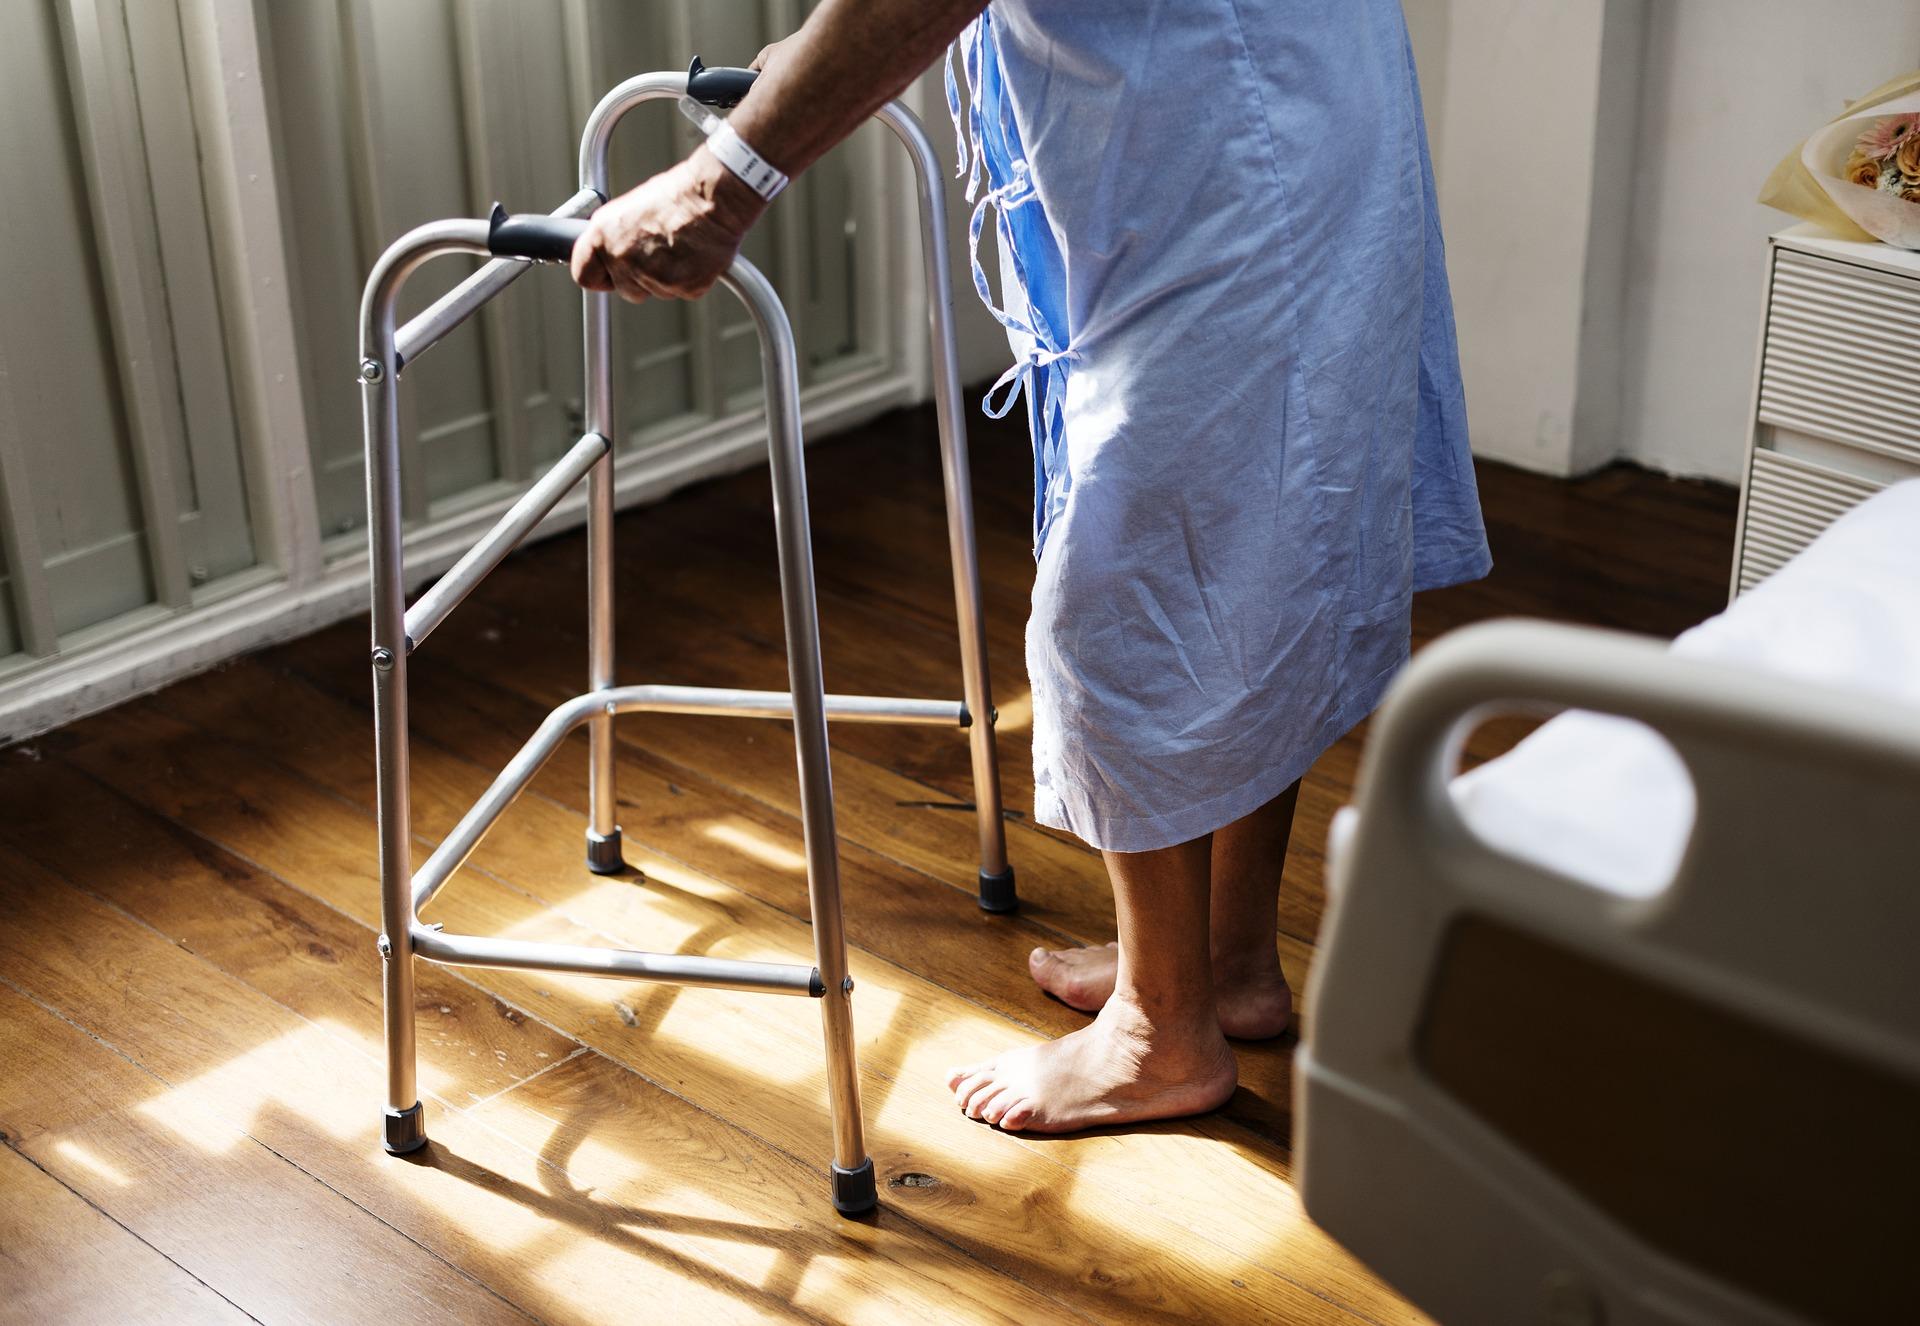 Pflege- und Seniorenbetten: Die Basis für die häusliche Pflege